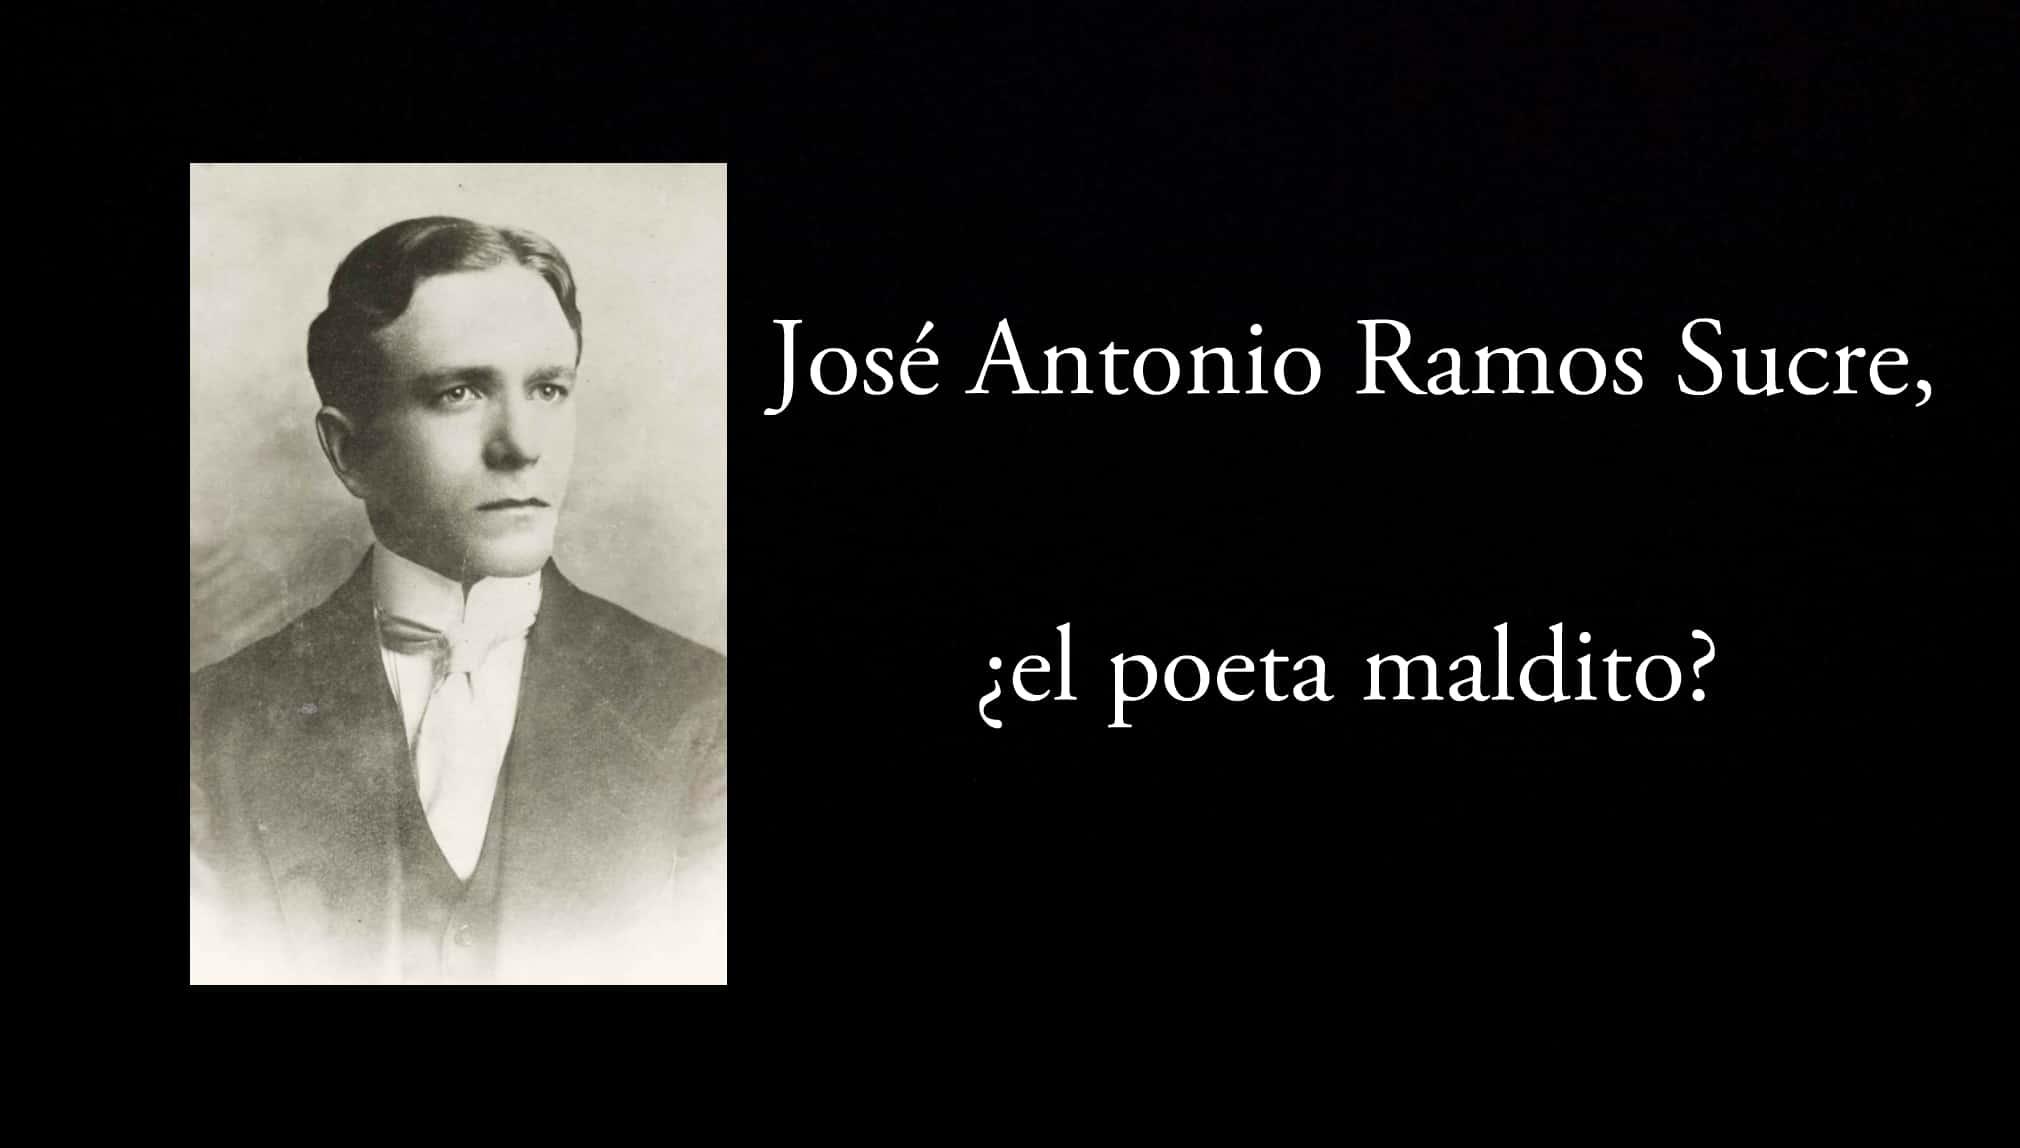 José Antonio Ramos Sucre, ¿el poeta maldito?